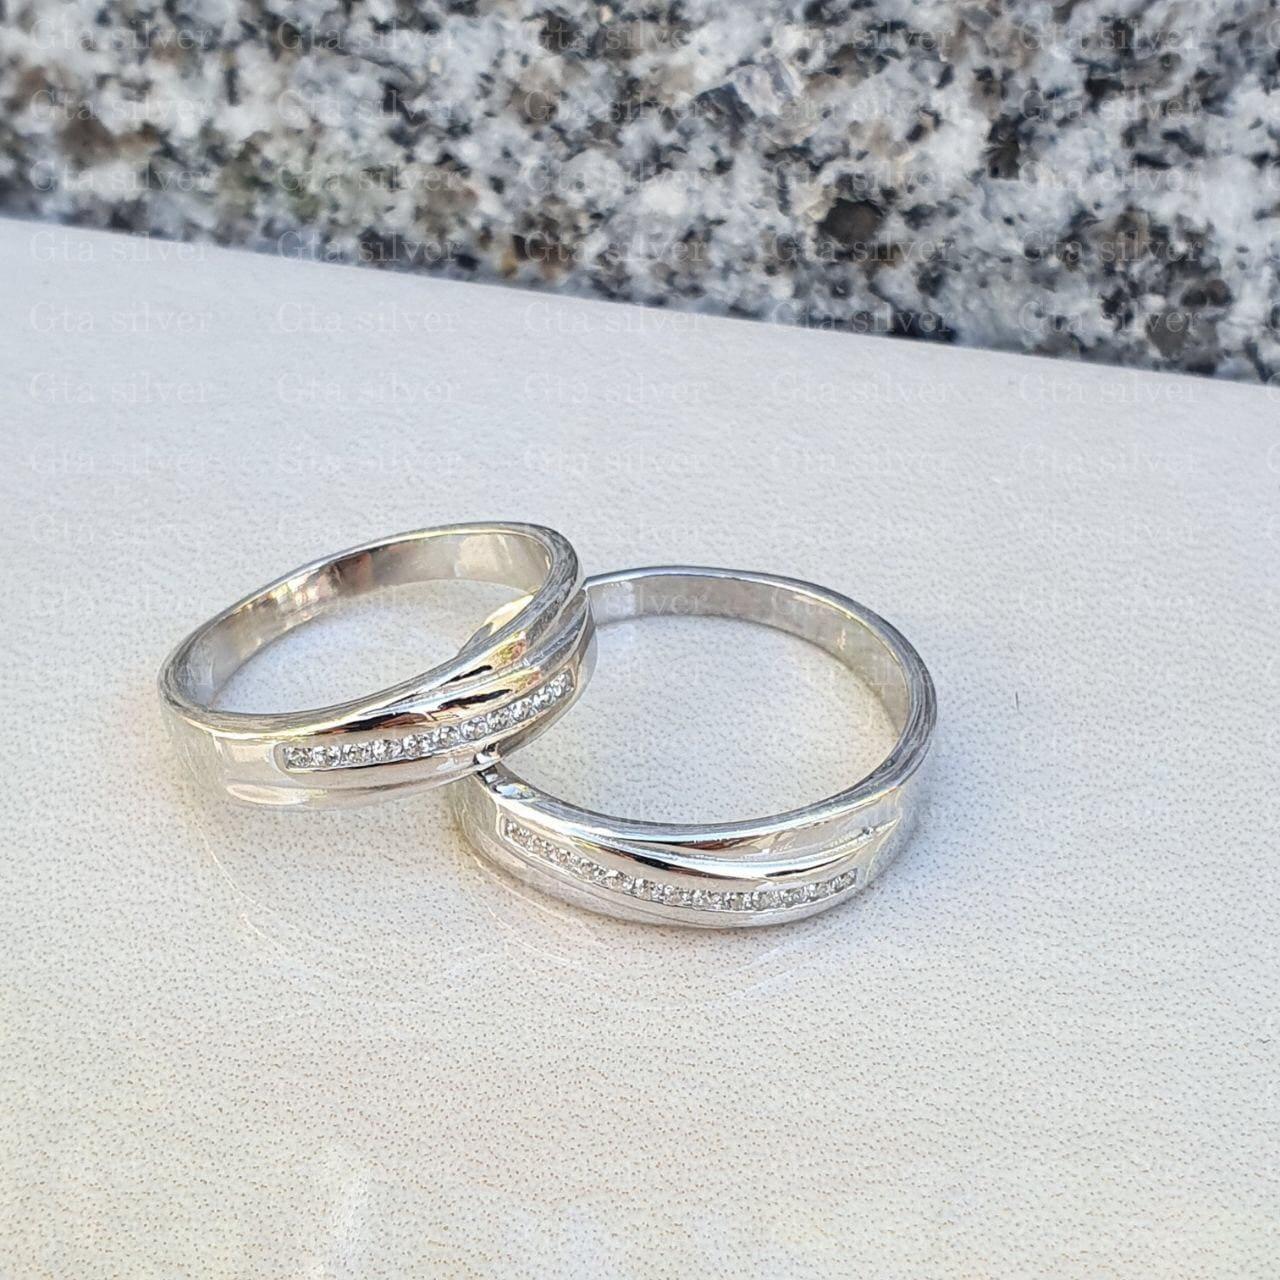 ست حلقه ازدواج وزن 6.5 گرم مدل 6